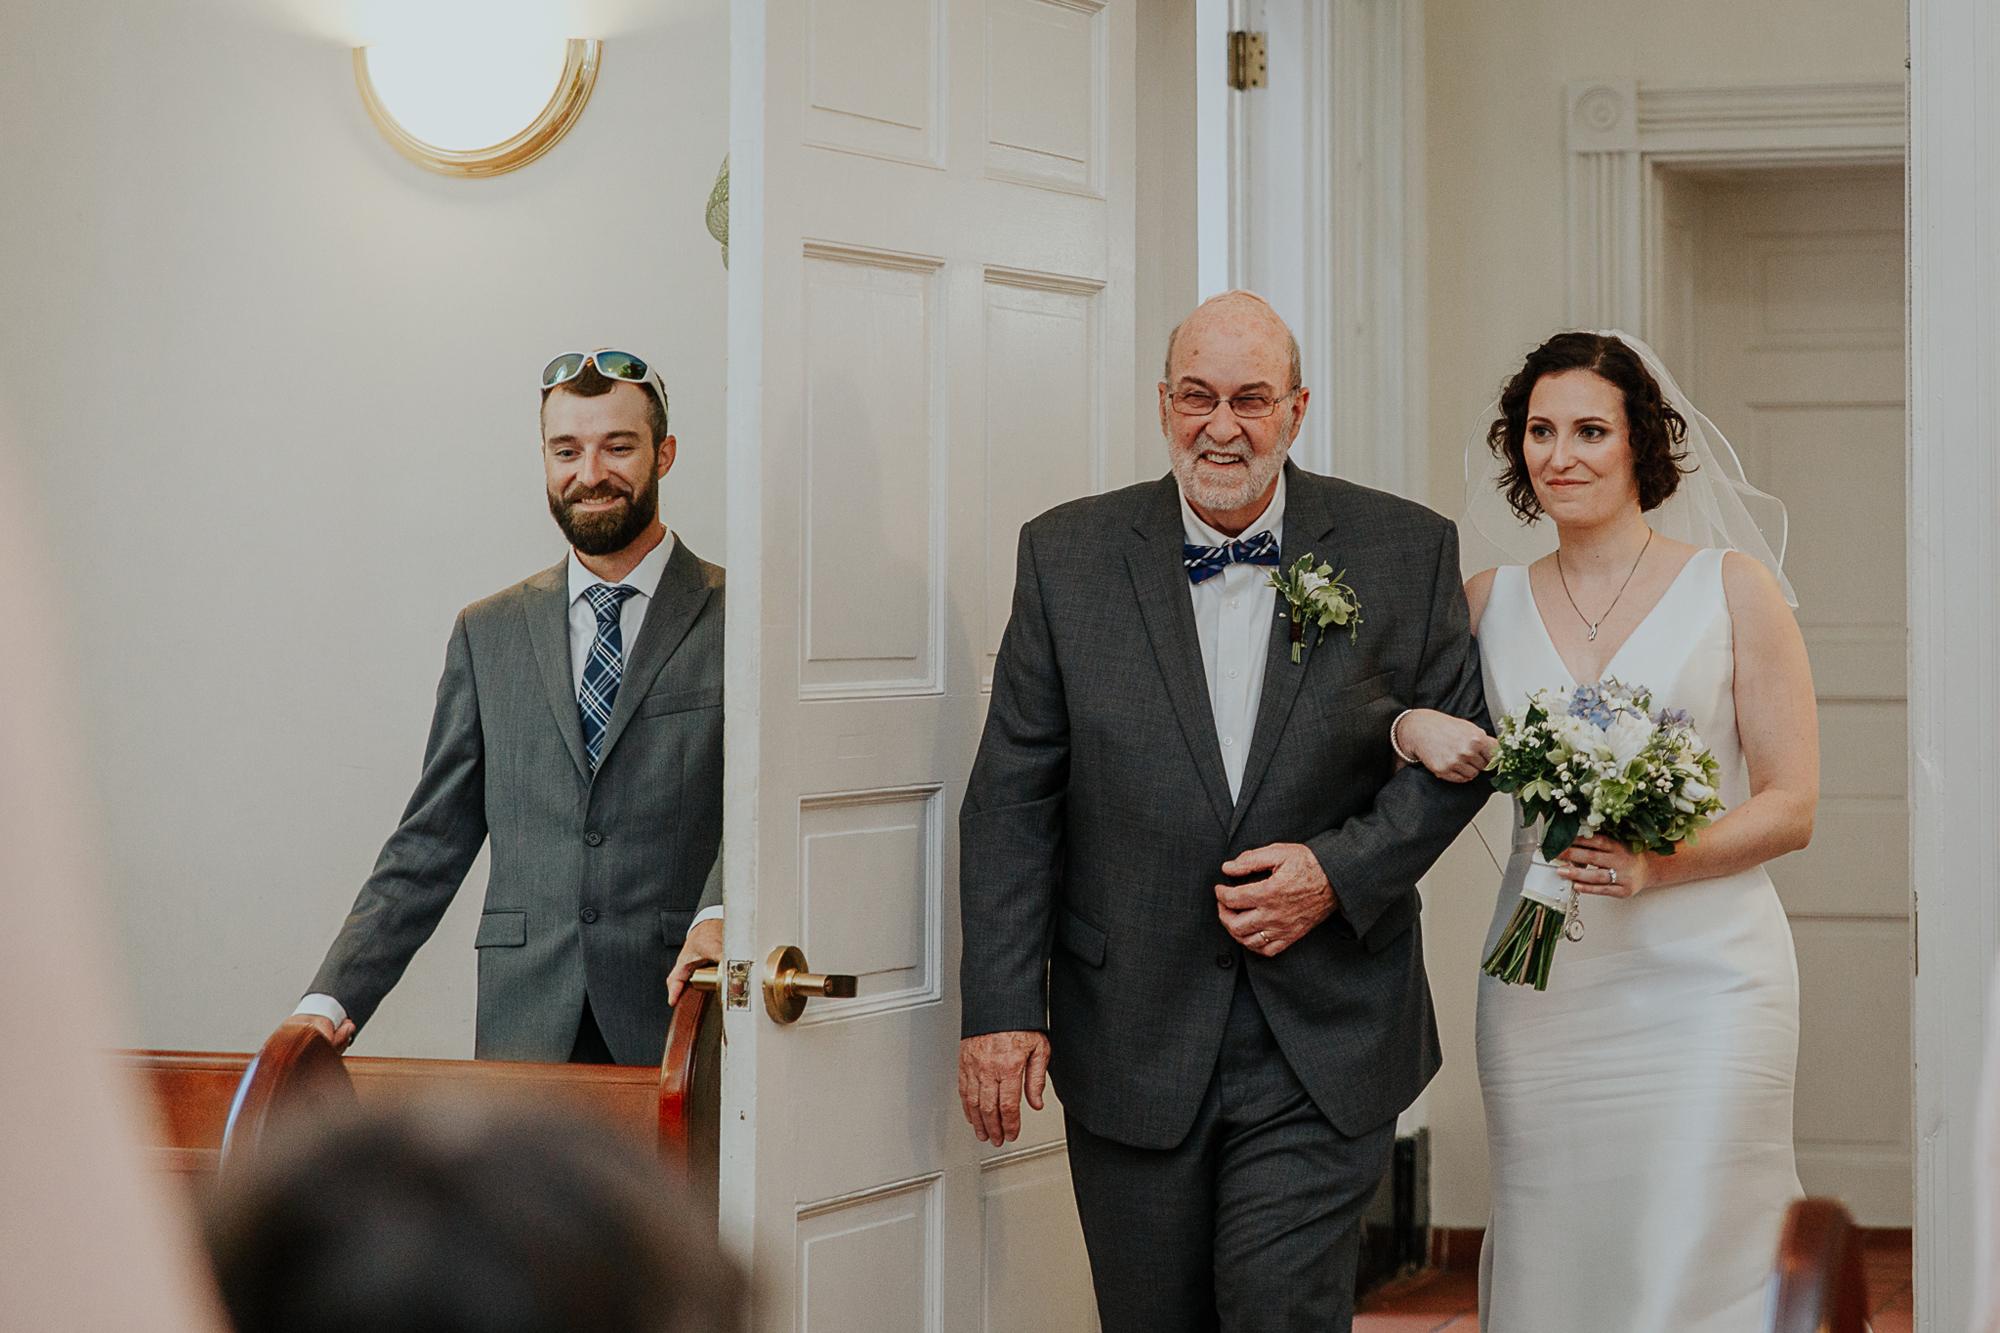 053-annapolis_courthouse_wedding.jpg